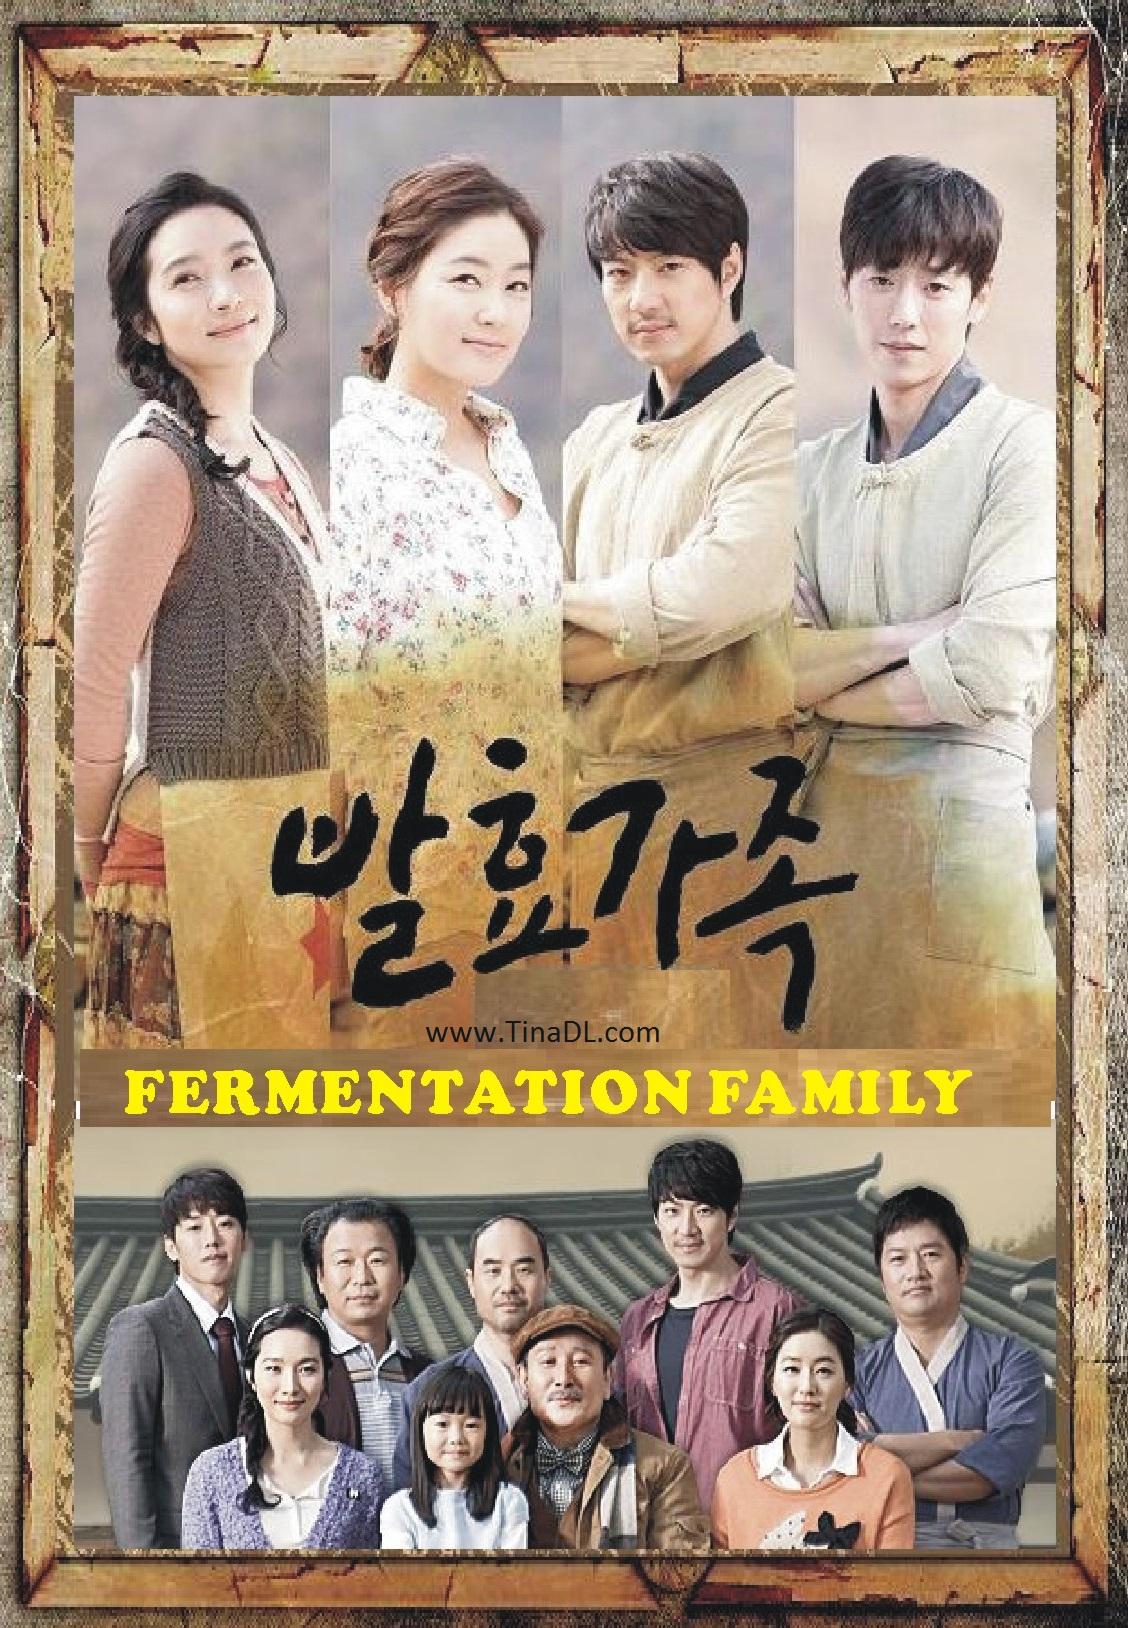 دانلود سریال کره ای خانواده کیم چی - دوبله فارسی + نسخه اصلی